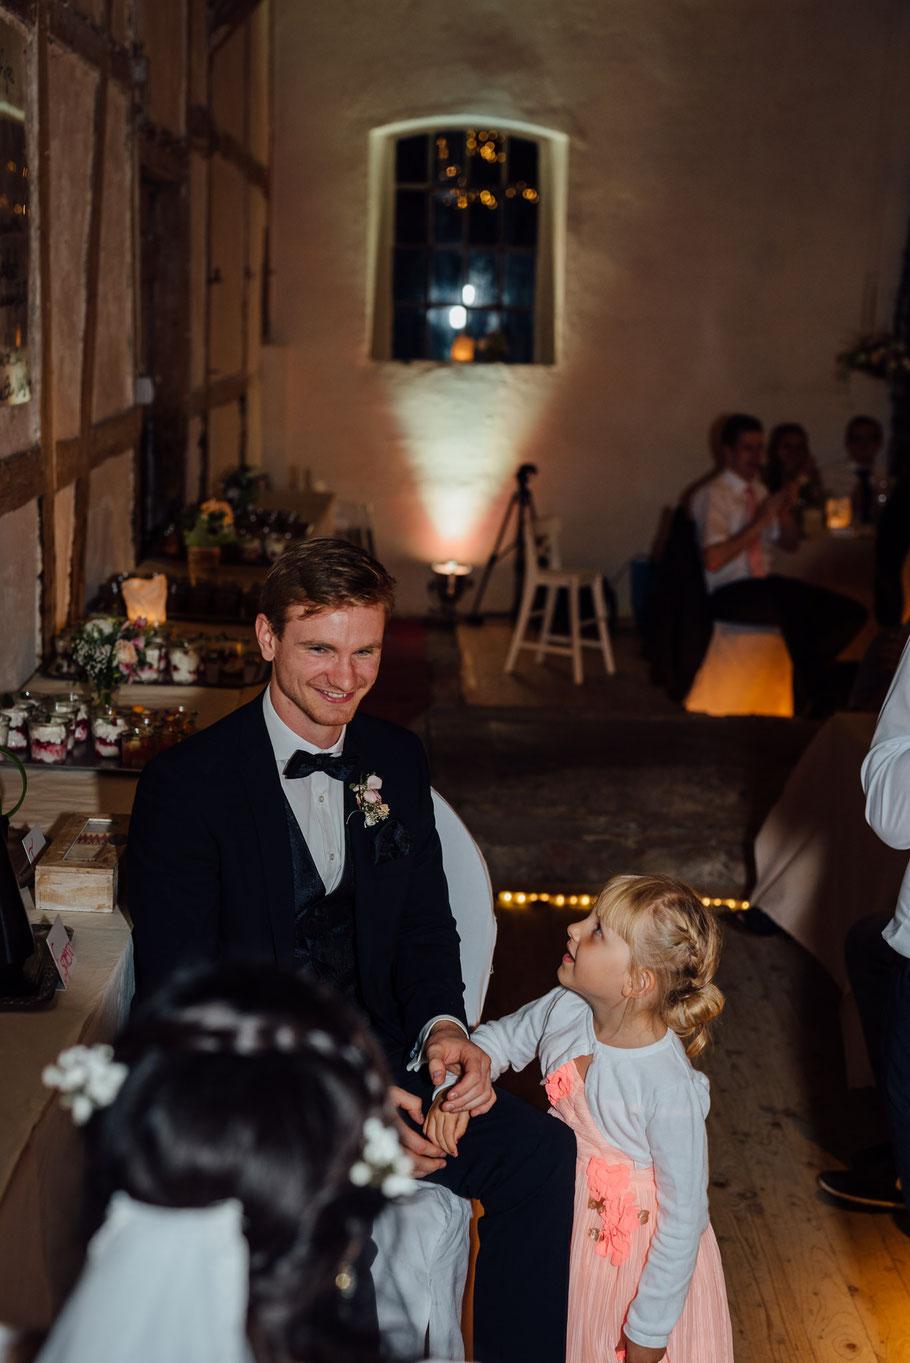 Nichte mit Bräutigam Freude Spiel